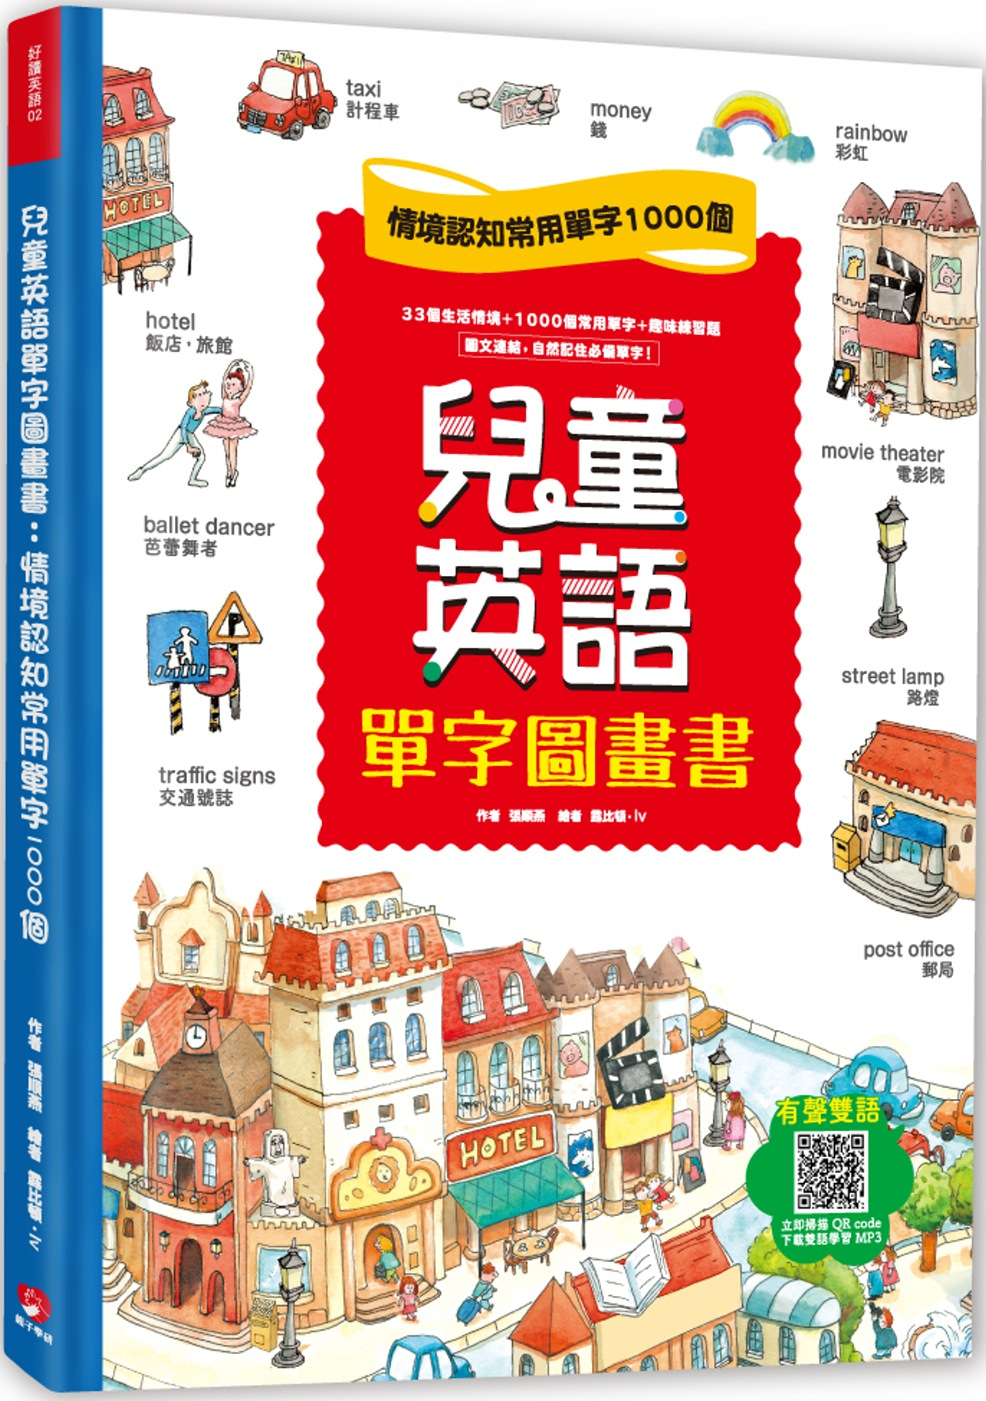 兒童英語單字圖畫書 掃描 QR code,立即下載雙語學習 MP3):情境認知常用單字1000個